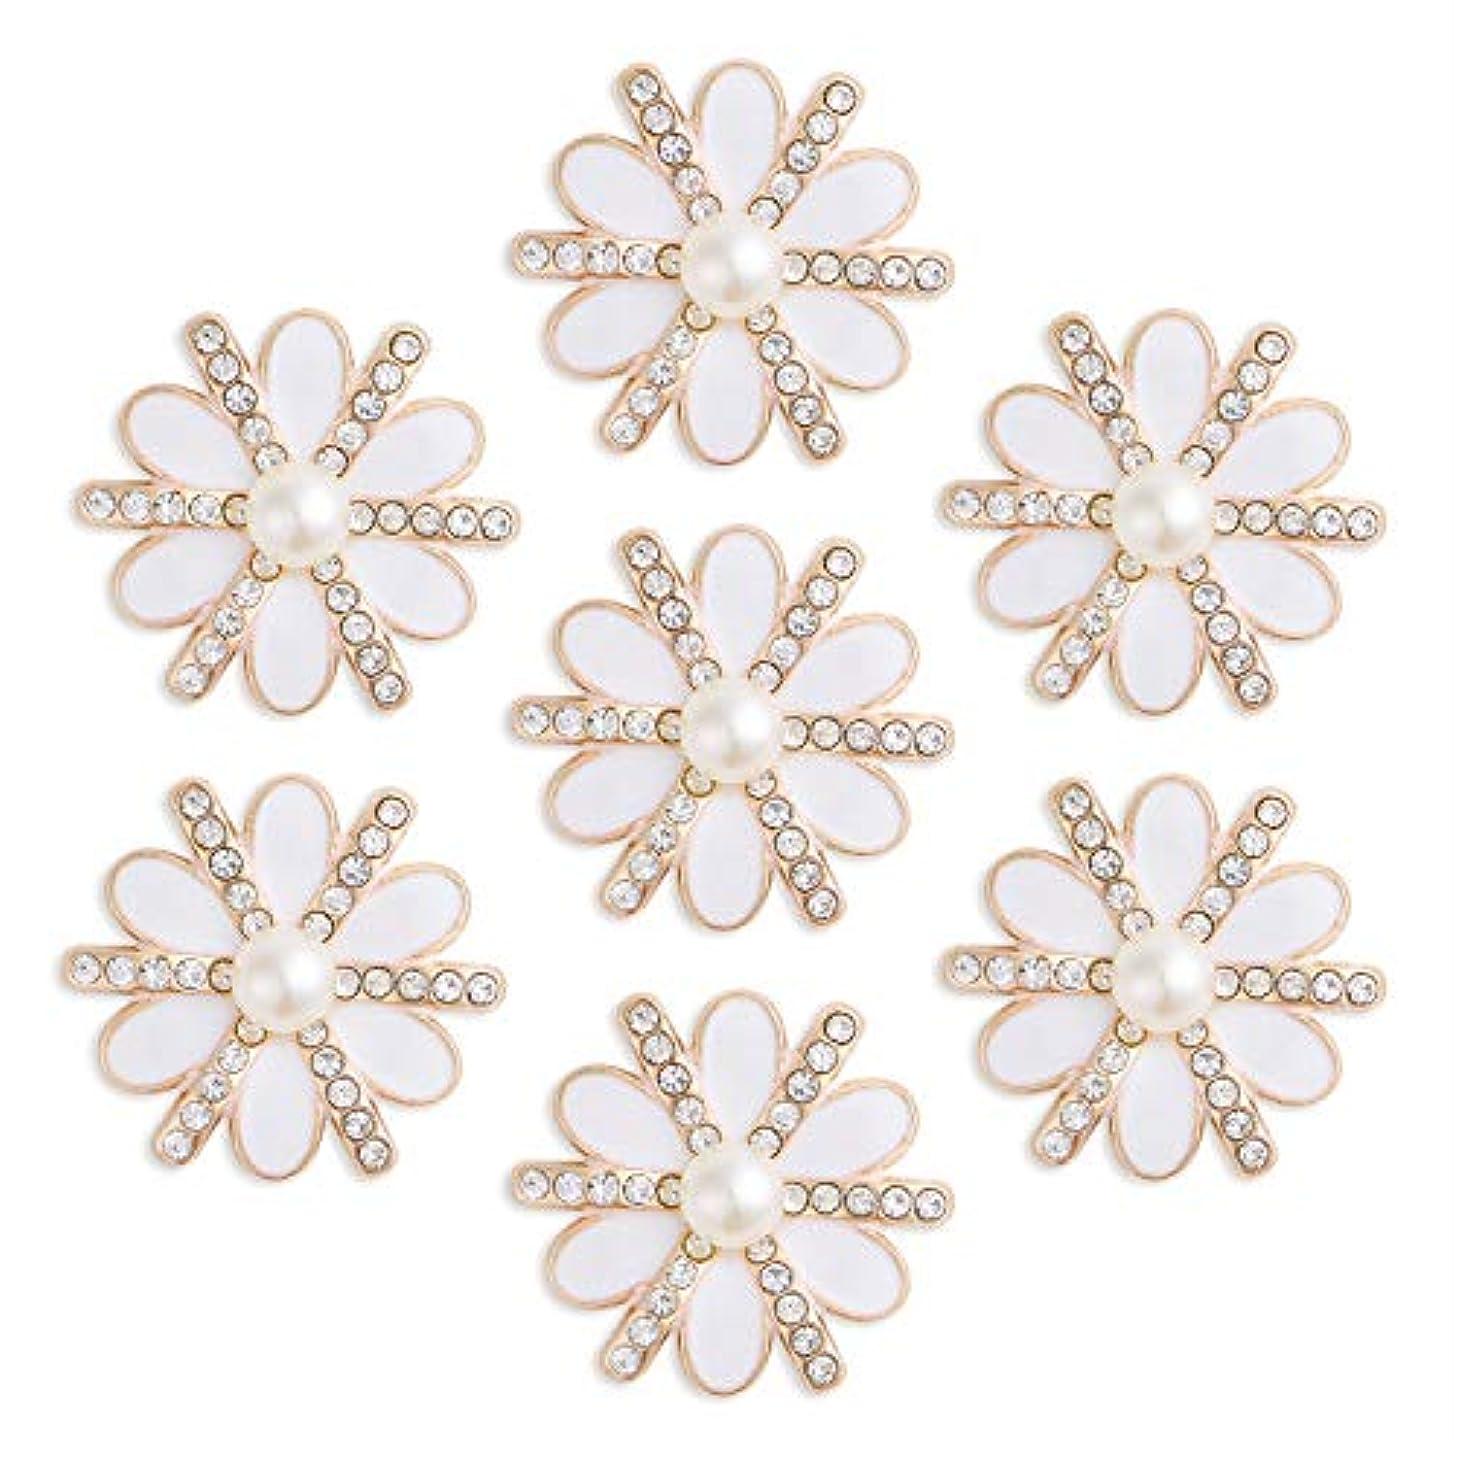 DIY-SHINNY 20 Pieces 20 mm Flatback Pearl Rhinestone DIY Embellishments for Wedding Decoration, Flower Center, Gift Card Decor (Gold)